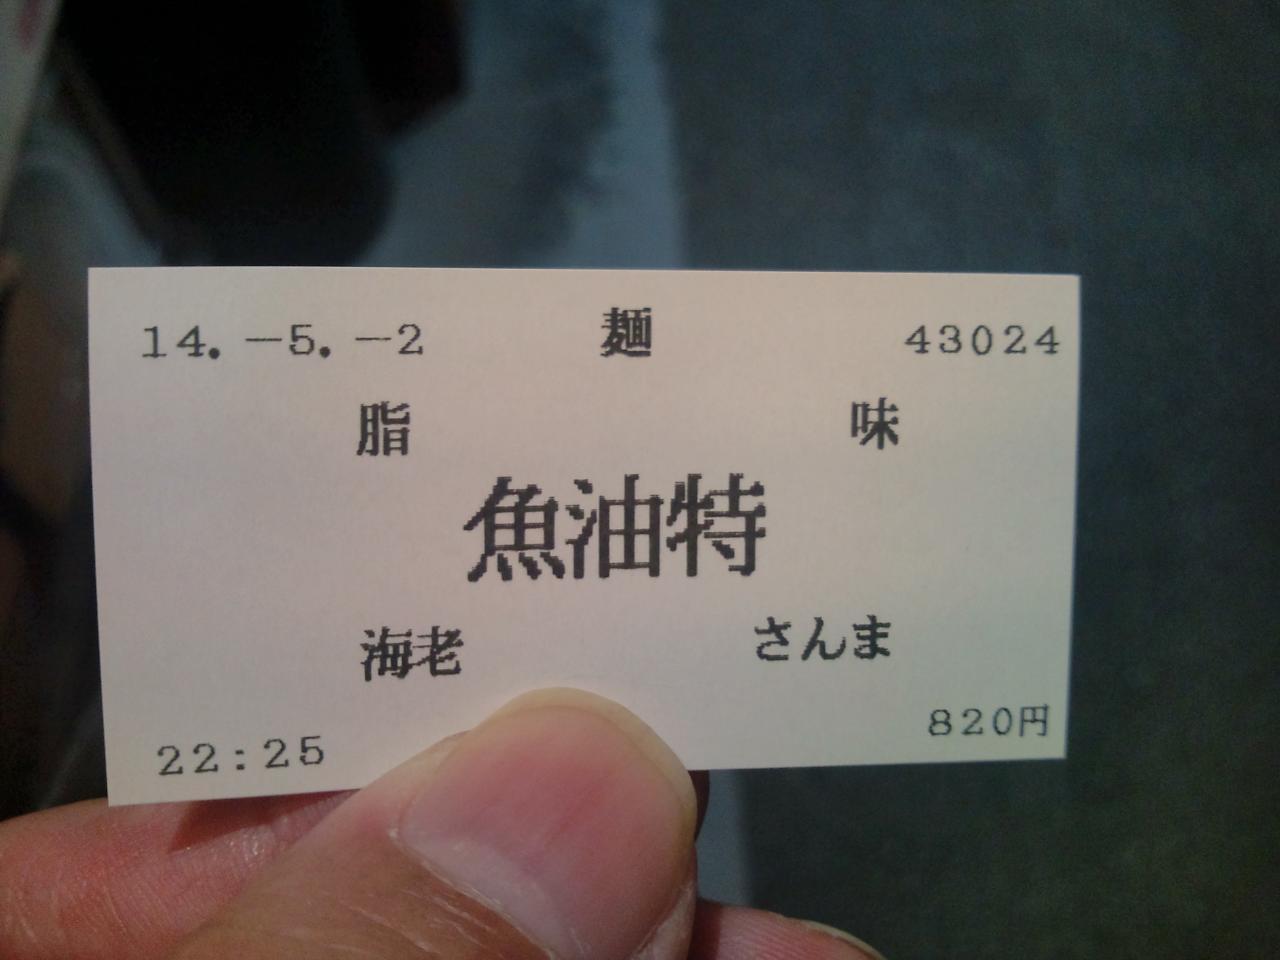 らーめん朗朗朗吉祥寺店(メニュー)